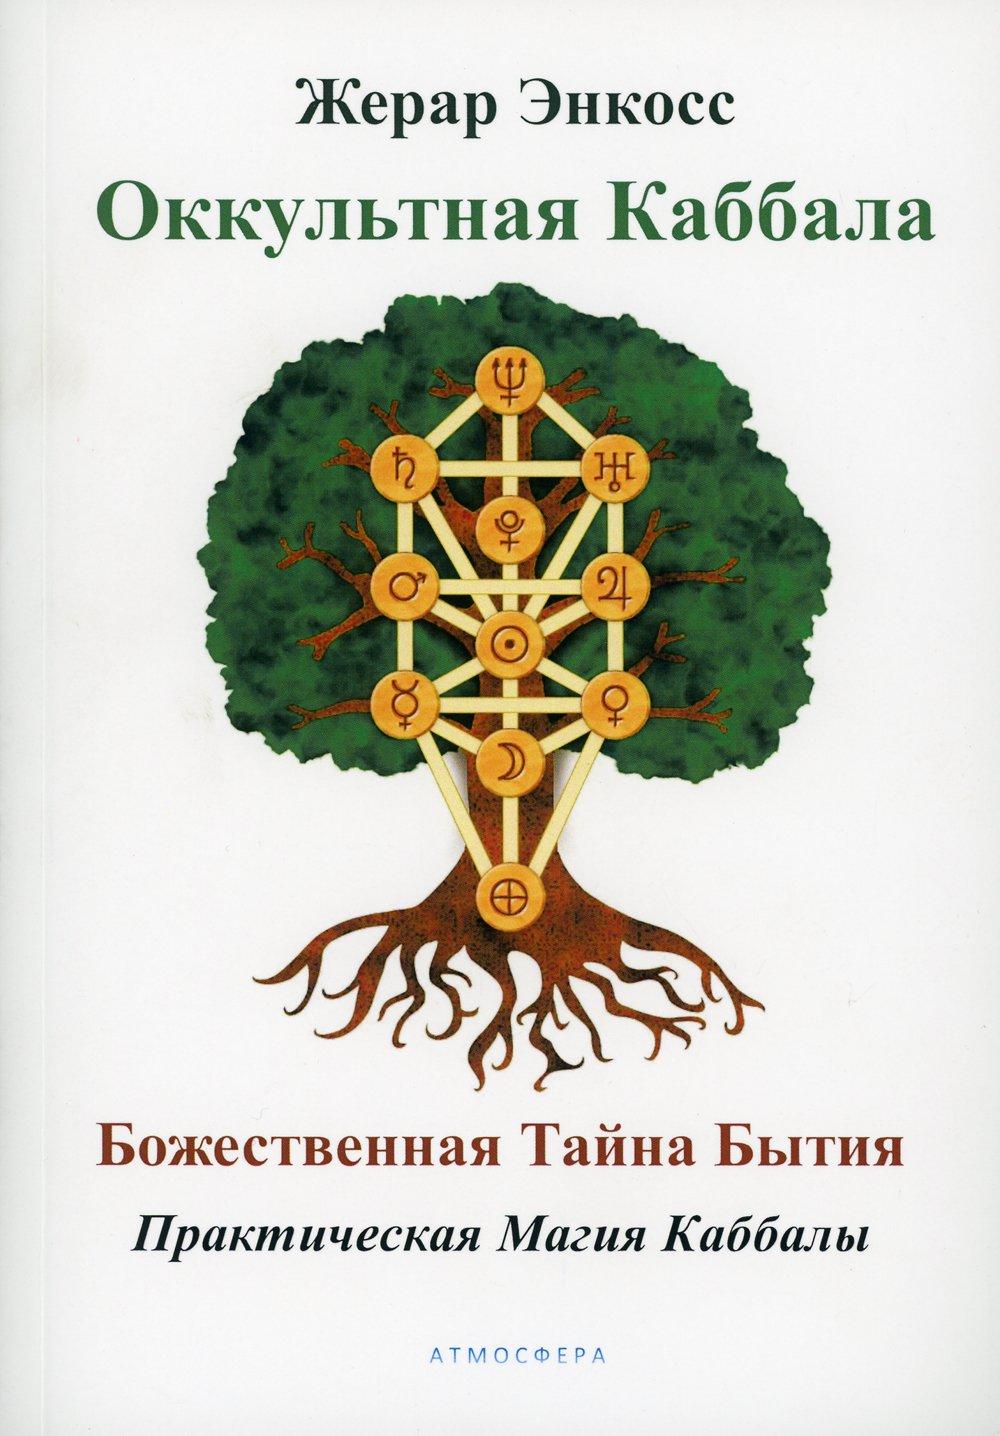 Оккультная каббала. Божественная тайна бытия